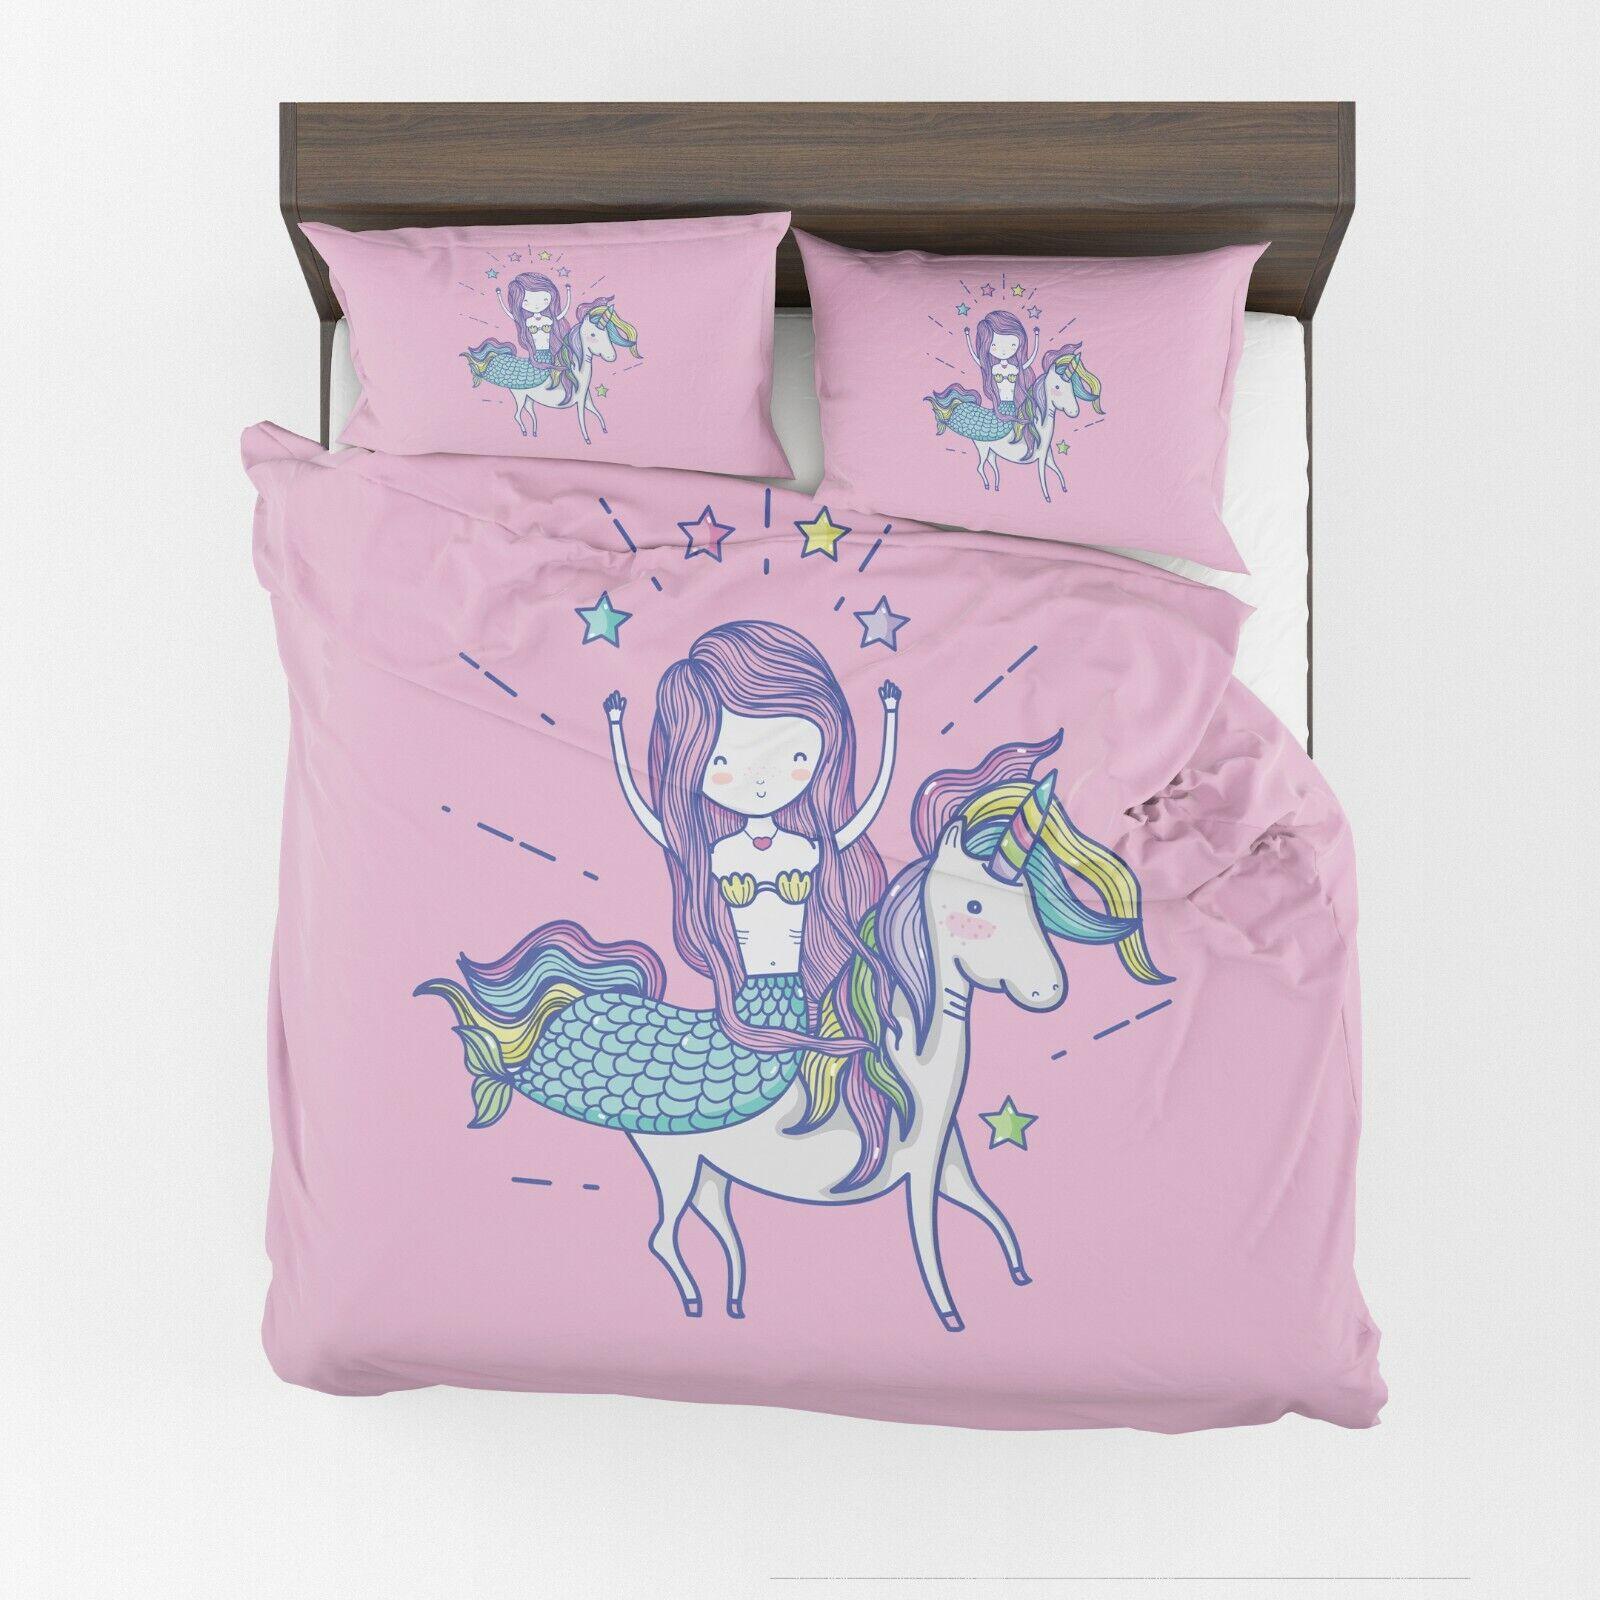 Mermaid riding Unicorn Comforter or Duvet Cover girls beddin